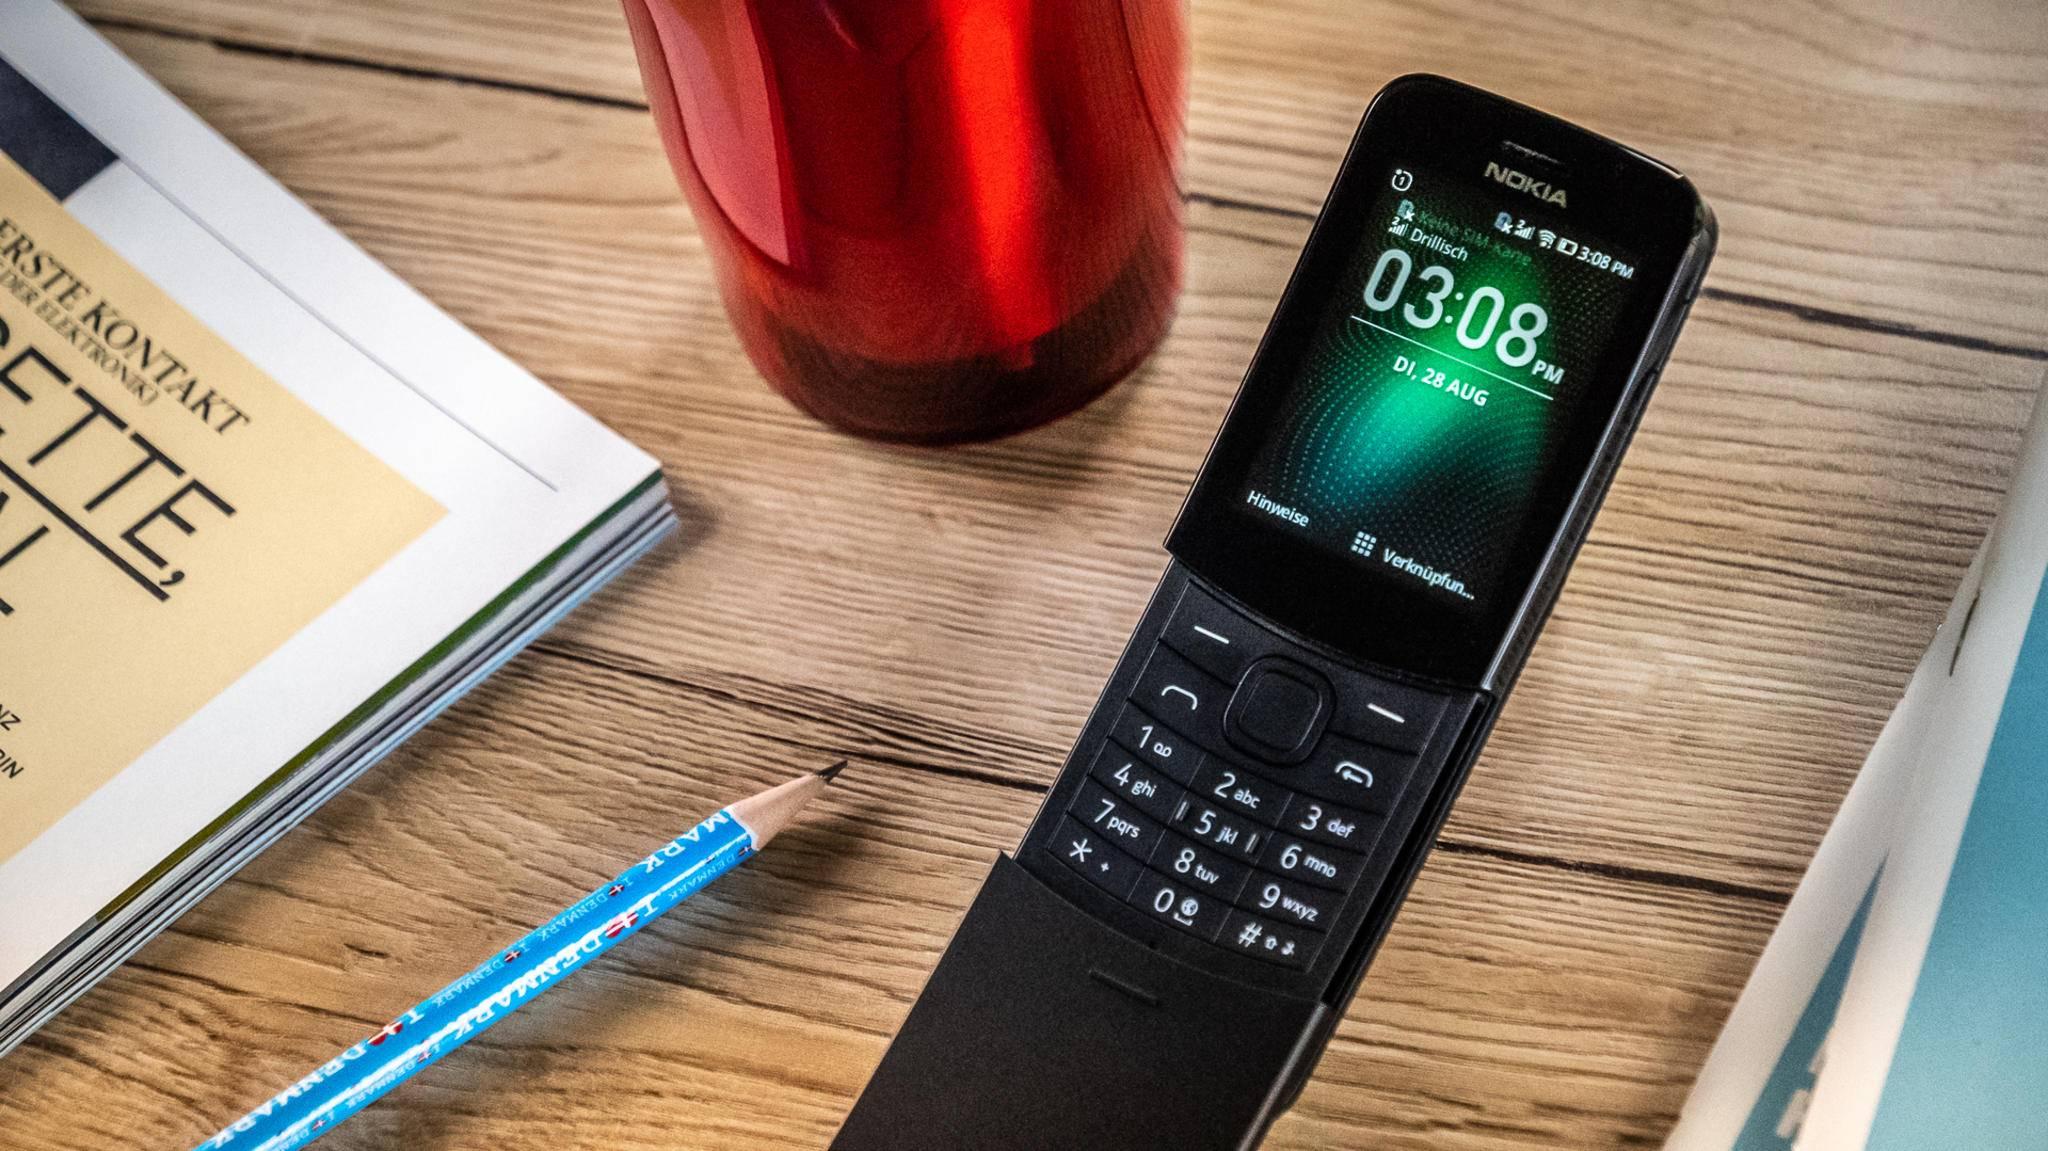 """Die Neuauflage des """"Matrix""""-Klapphandys Nokia 8110 4G kam vor kurzem auf den Markt."""